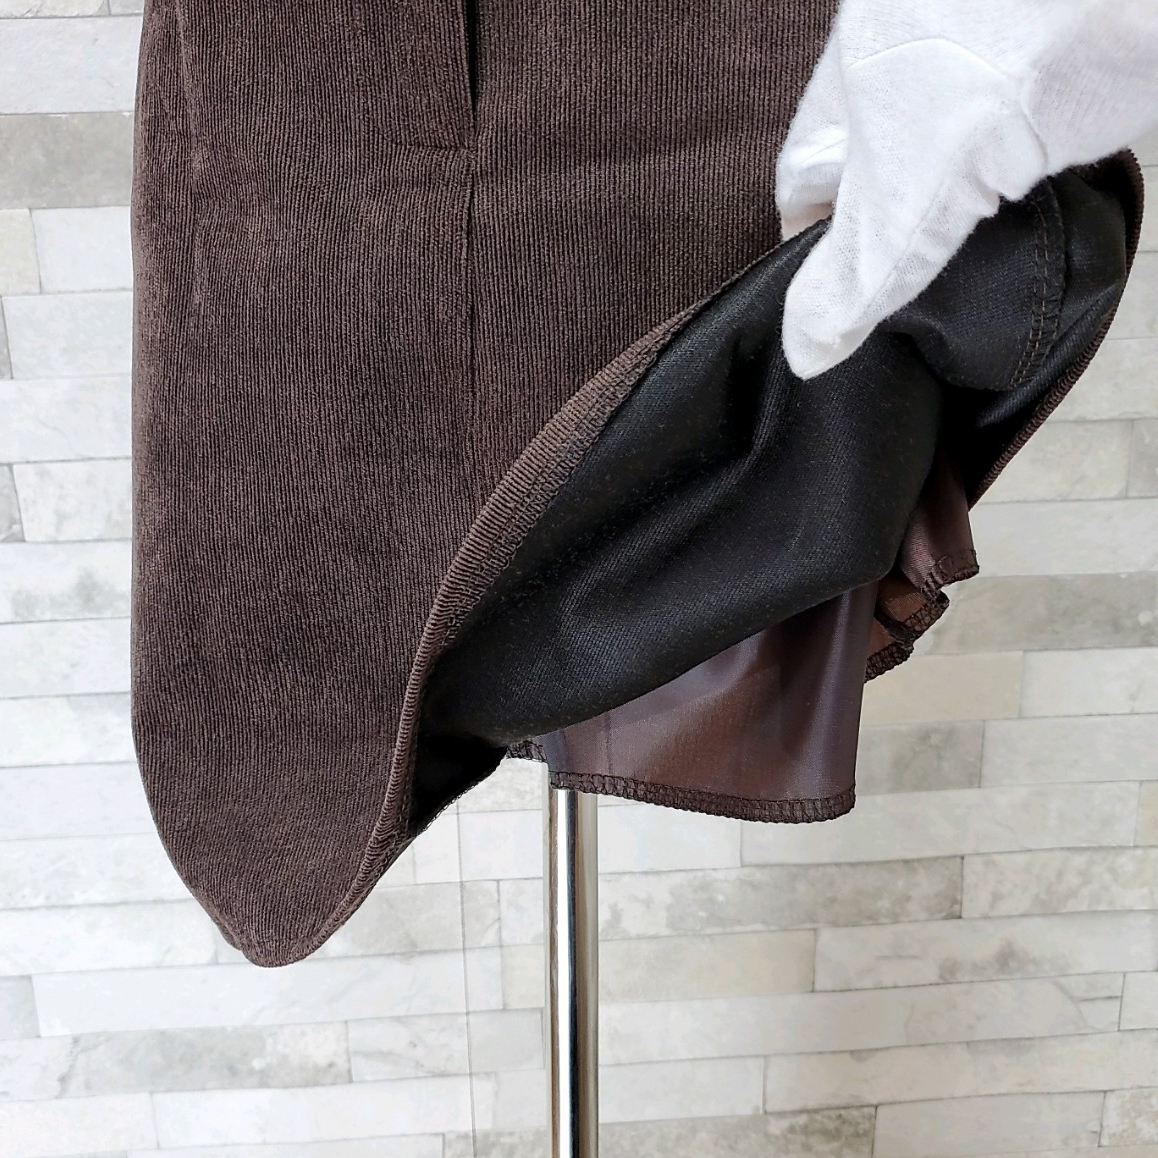 【即納】韓国 ファッション スカート ミニ ボトムス 秋 冬 カジュアル SPTXG567  コーデュロイ ベイクドカラー ガーリー オルチャン シンプル 定番 セレカジの写真19枚目